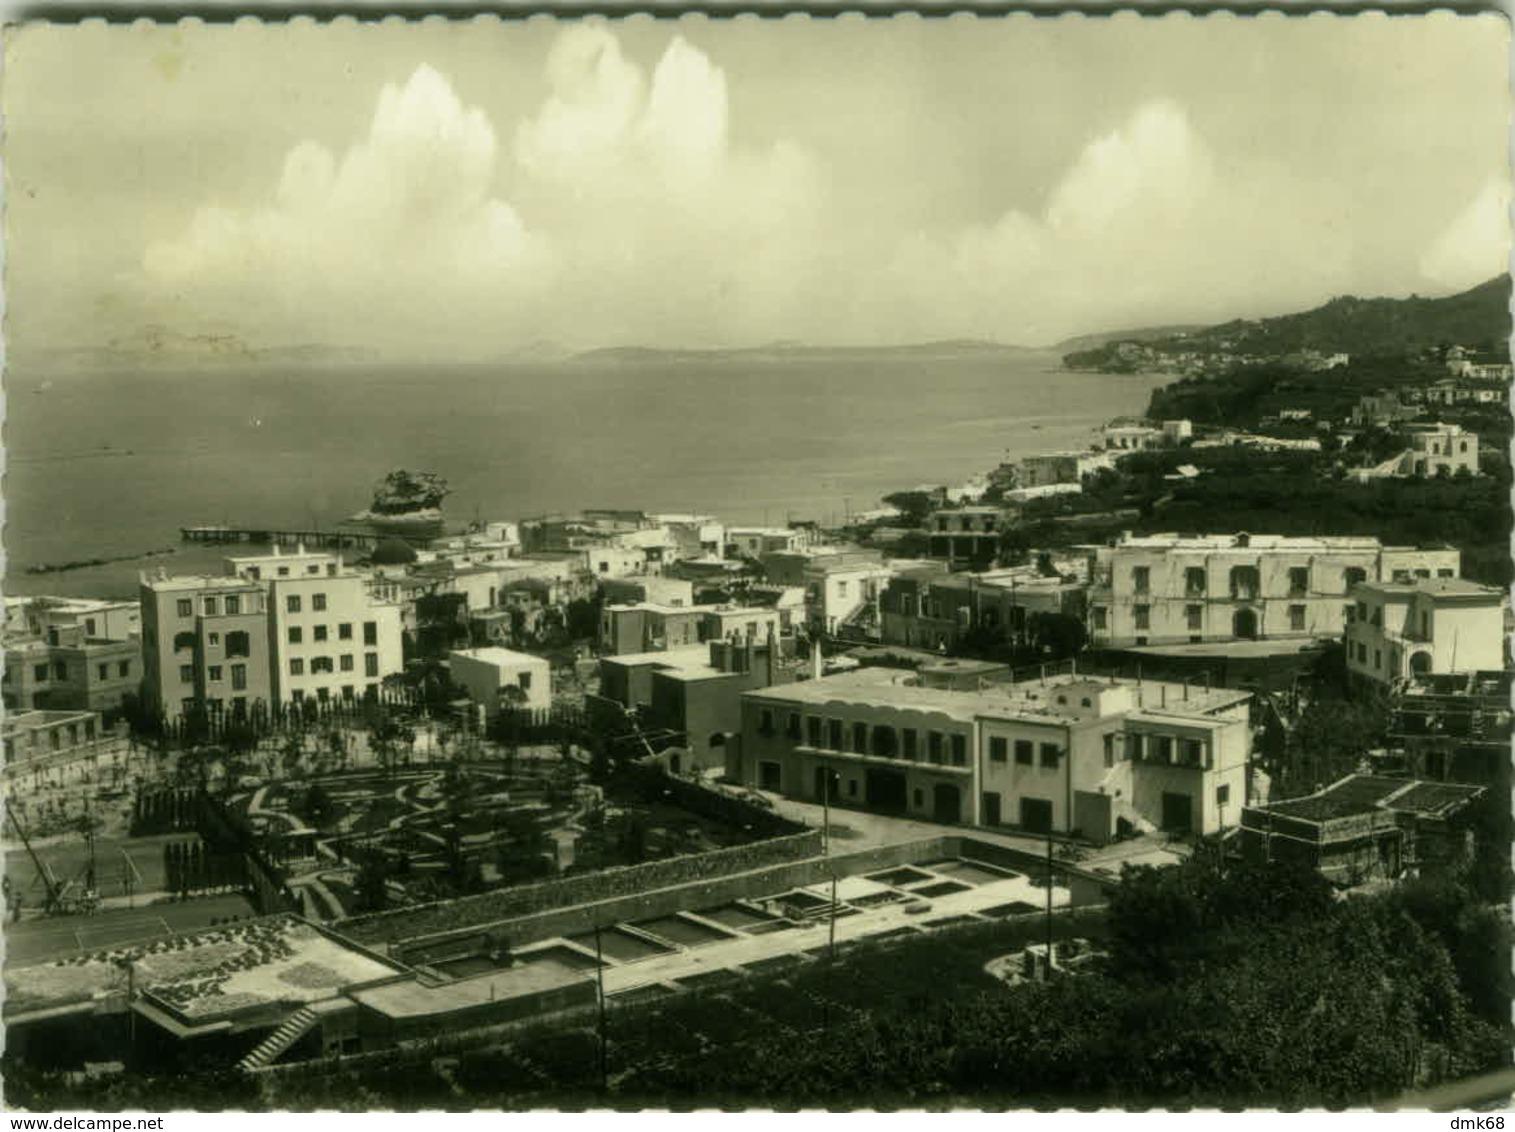 ISCHIA - LACCO AMENO ( NAPOLI ) PANORAMA - DIZ. BUONOCORE (2674) - Napoli (Naples)